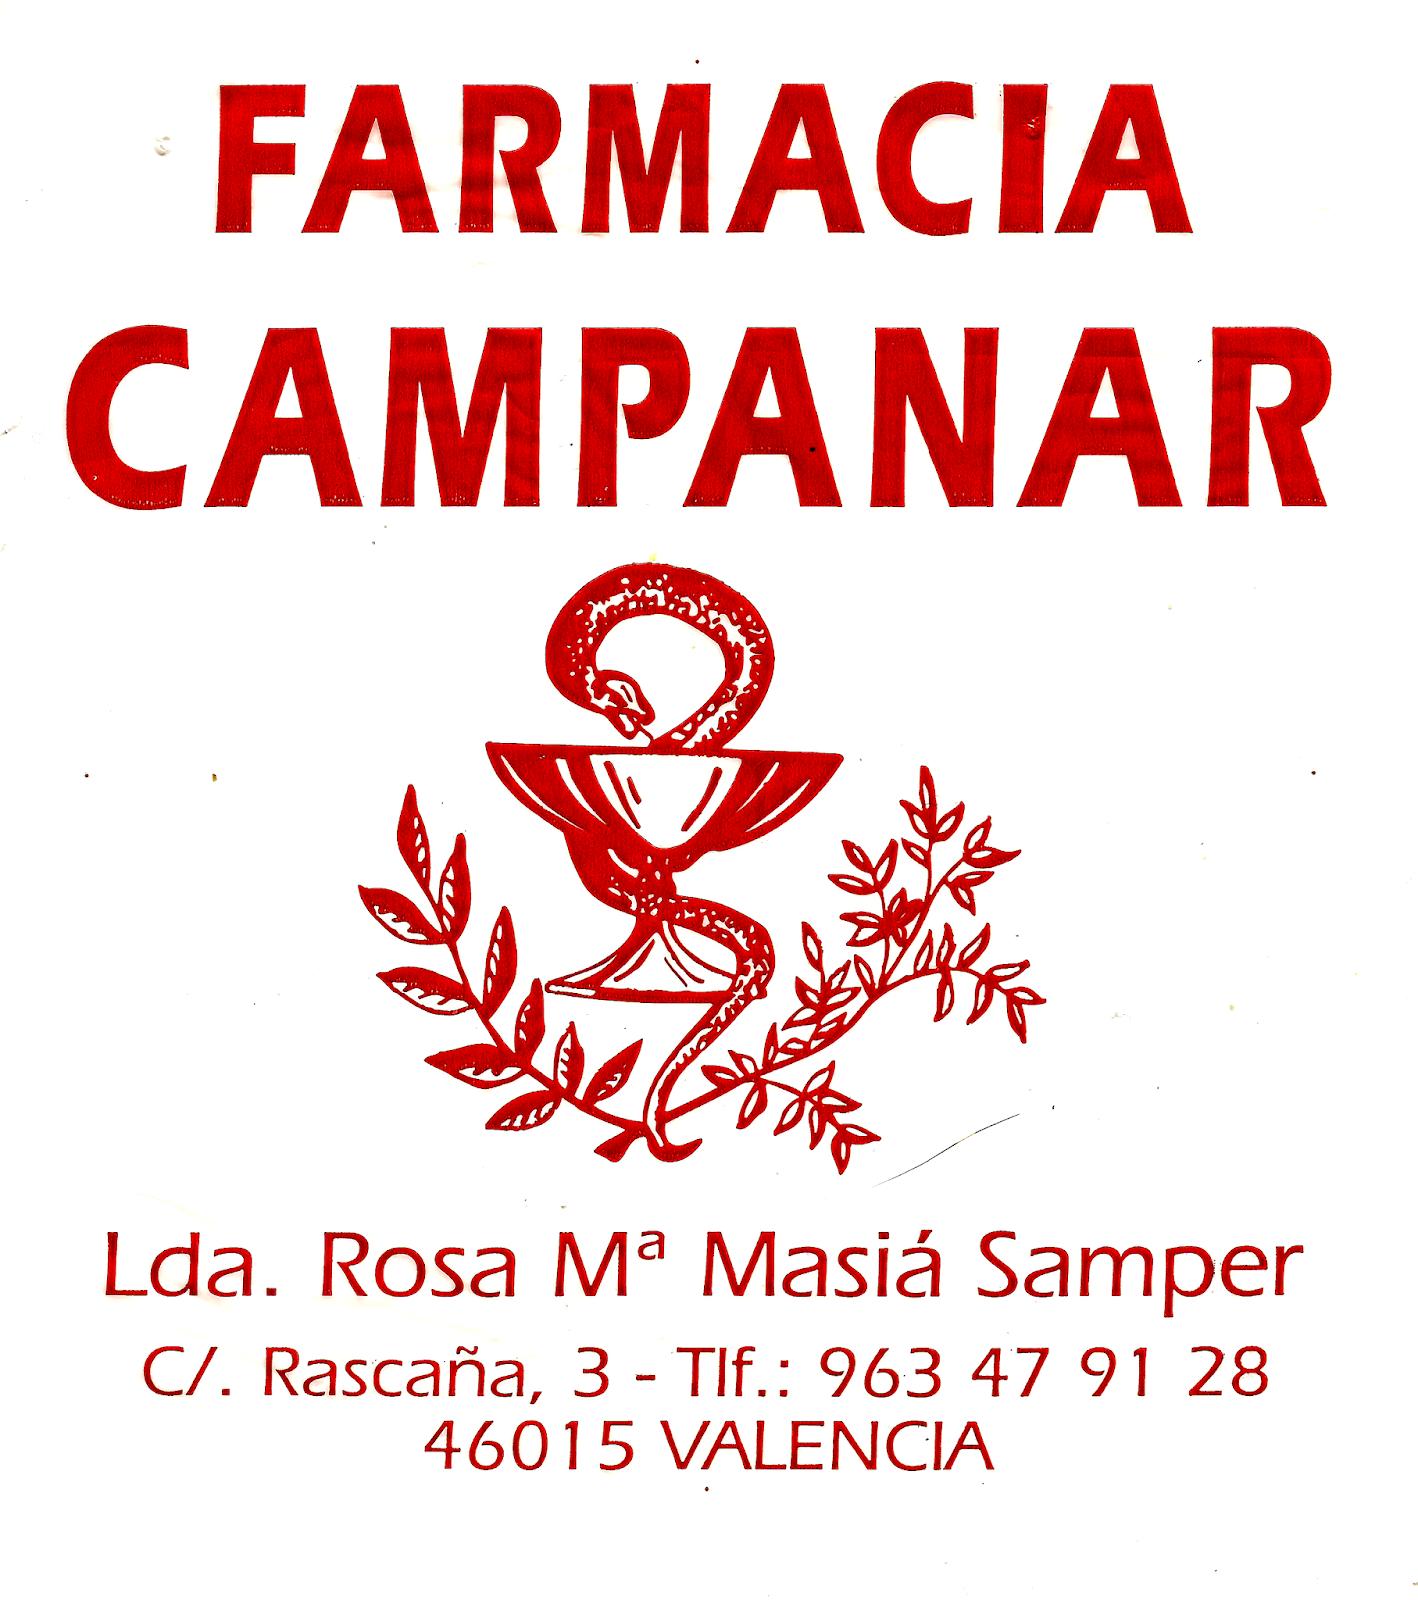 FarmaciaCampanar2016.png